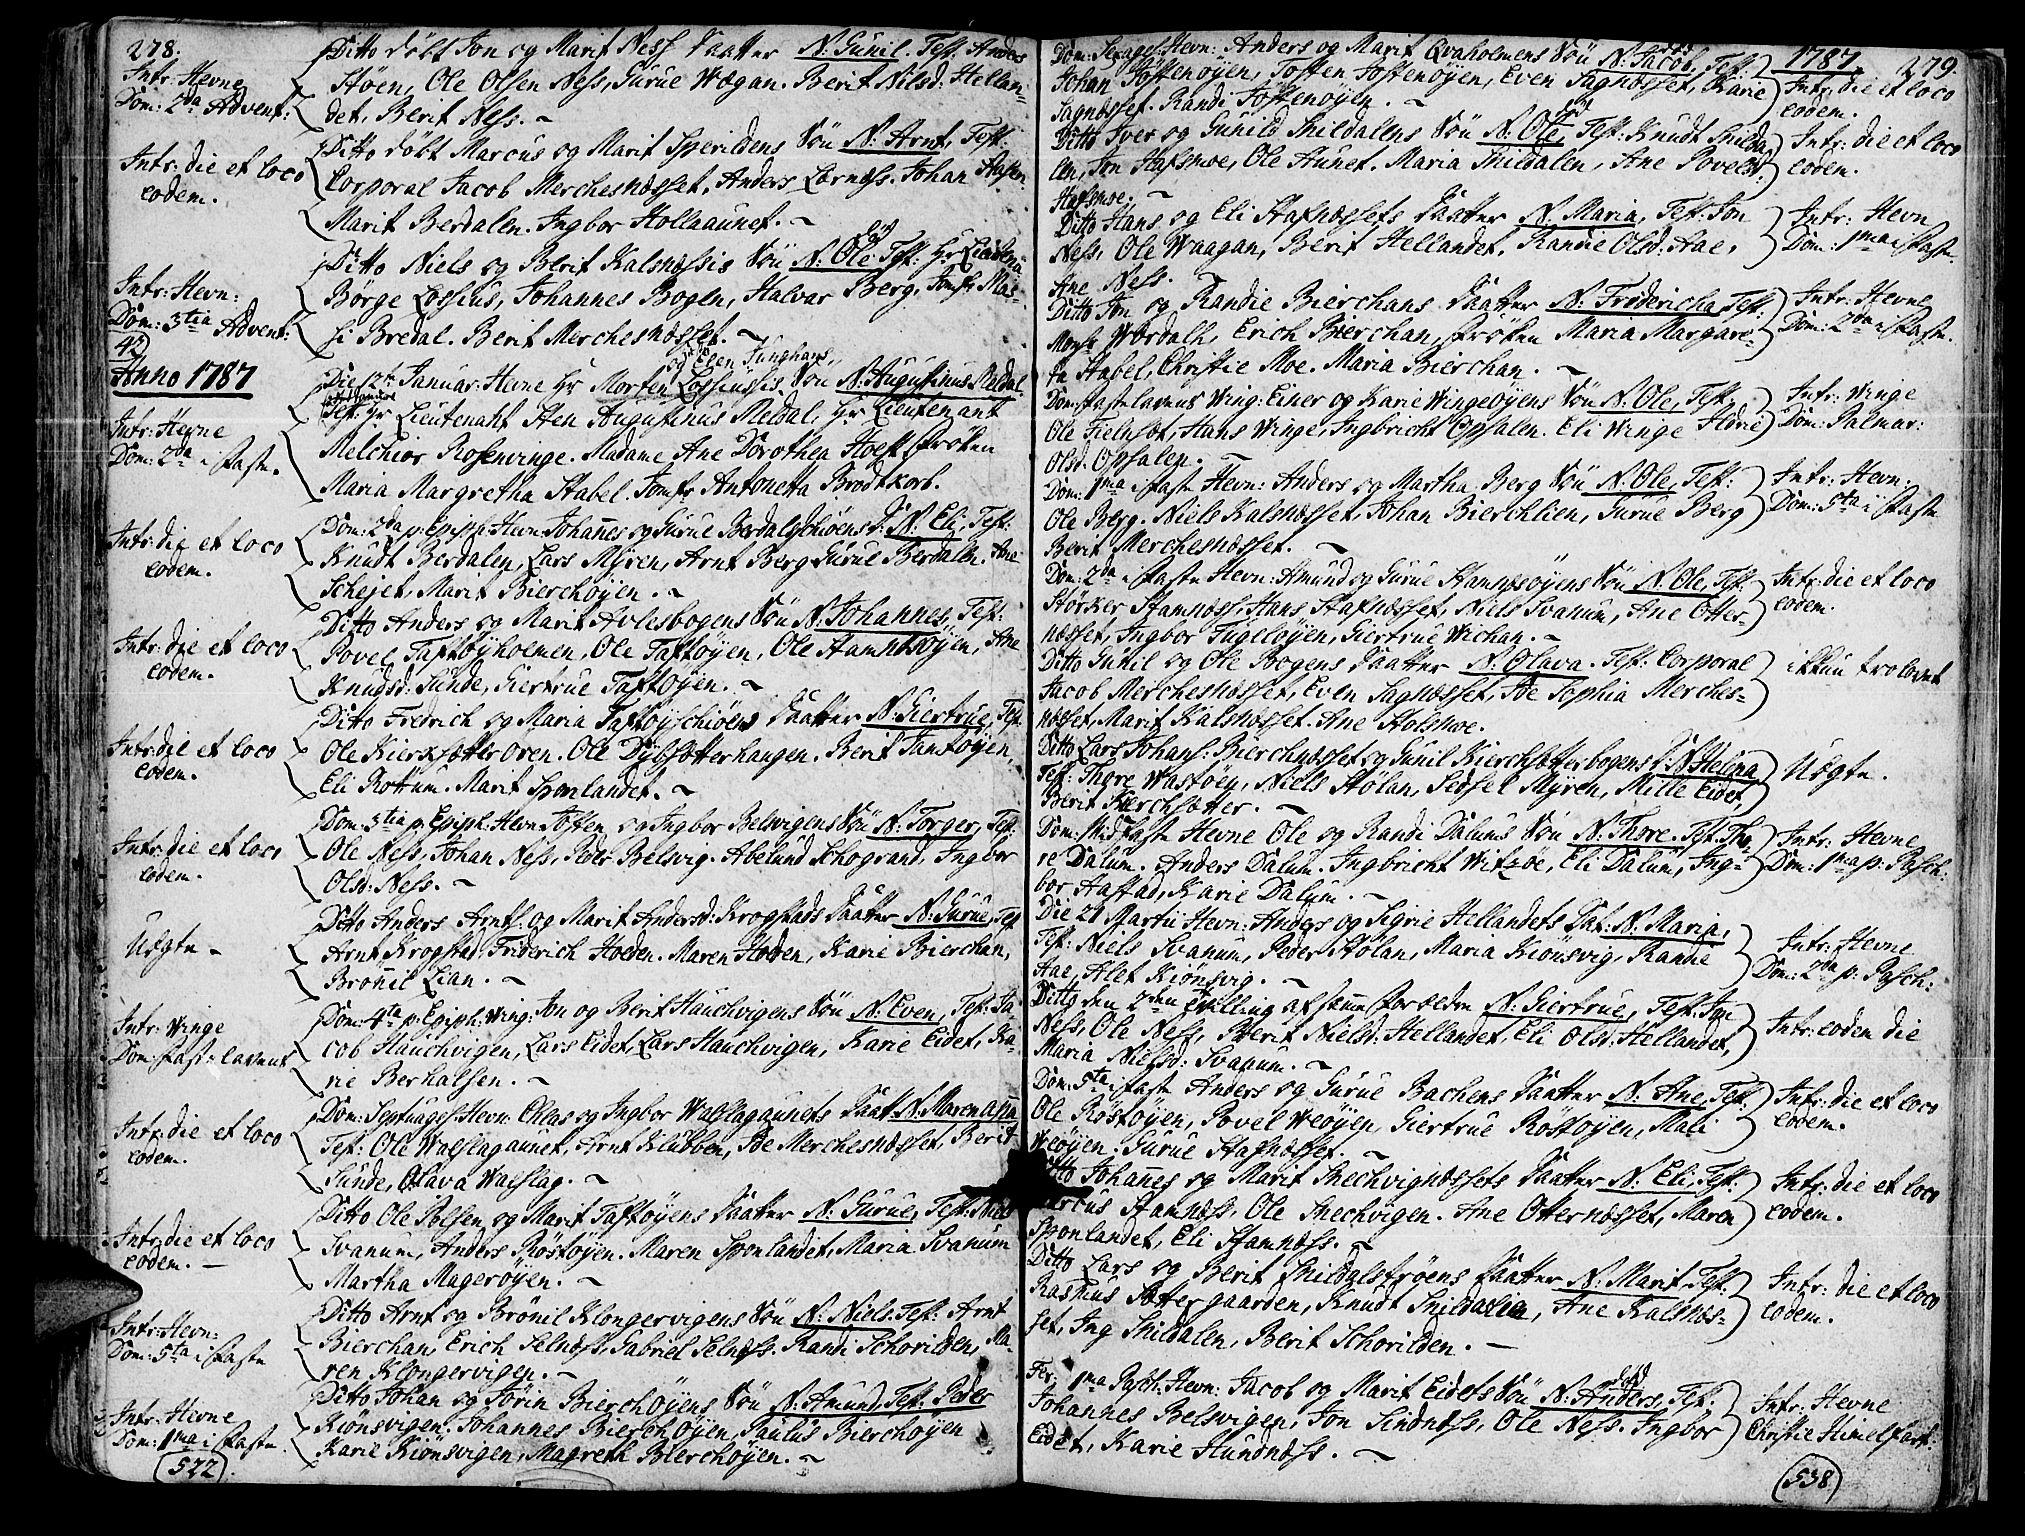 SAT, Ministerialprotokoller, klokkerbøker og fødselsregistre - Sør-Trøndelag, 630/L0489: Ministerialbok nr. 630A02, 1757-1794, s. 278-279